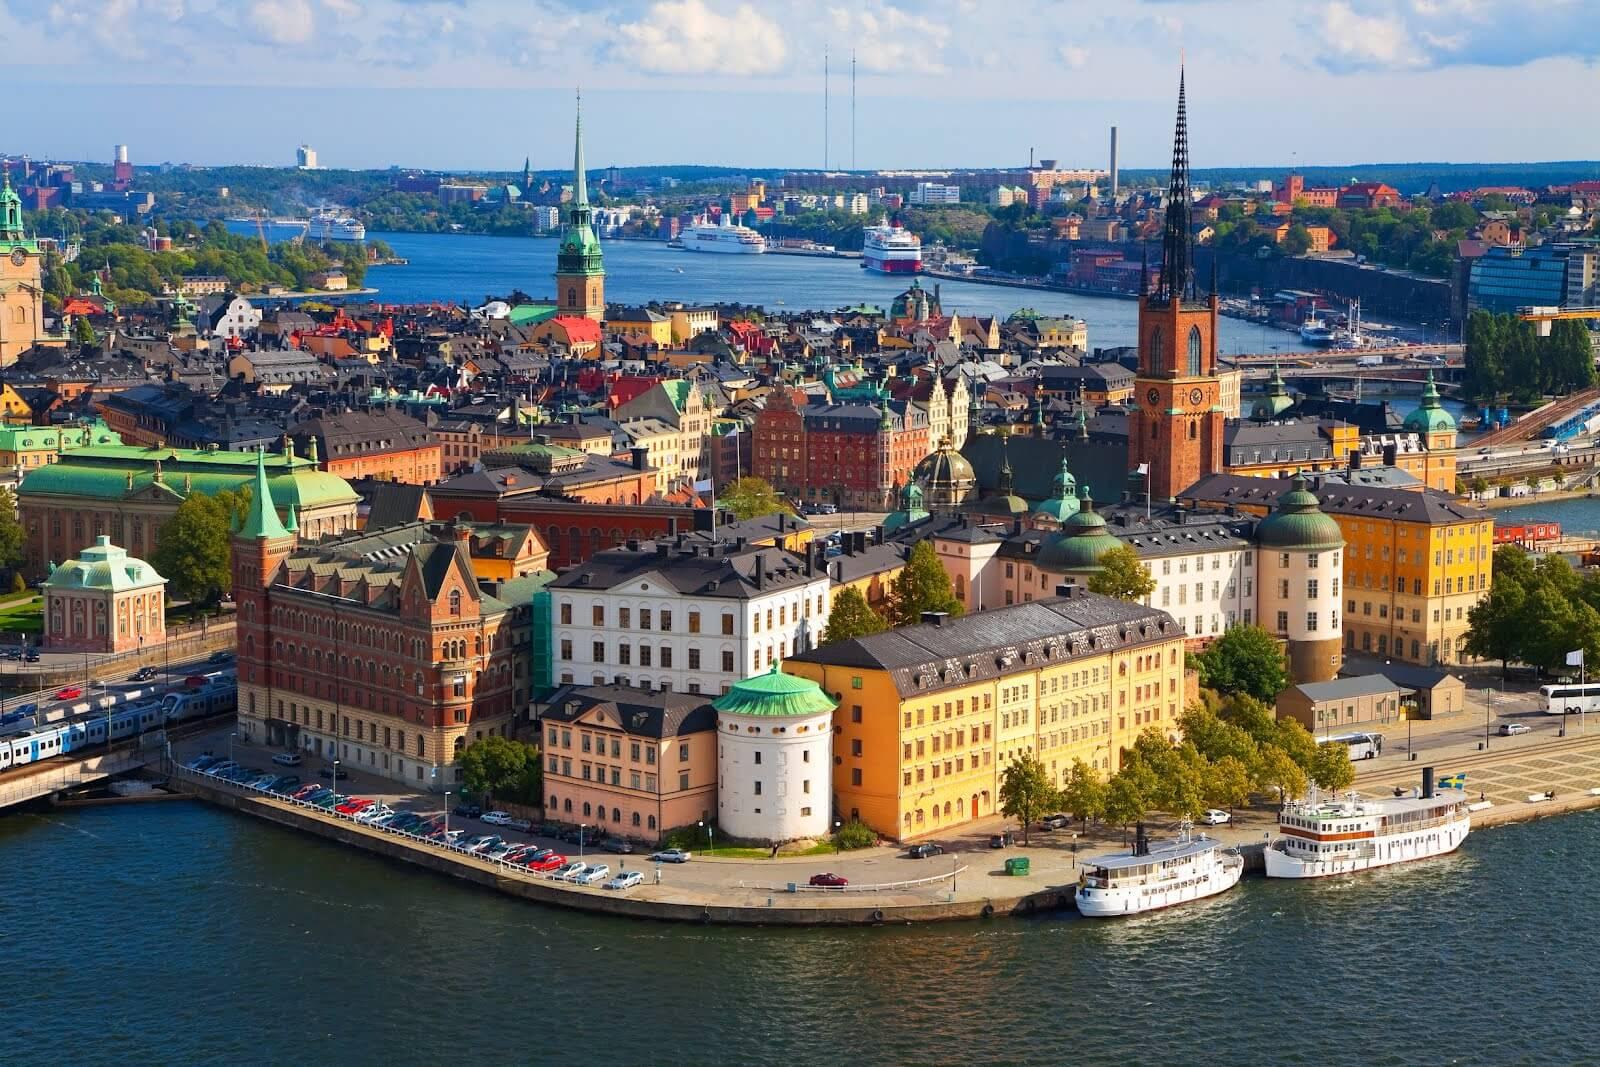 Αεροπορικά εισιτήρια Στοκχόλμη